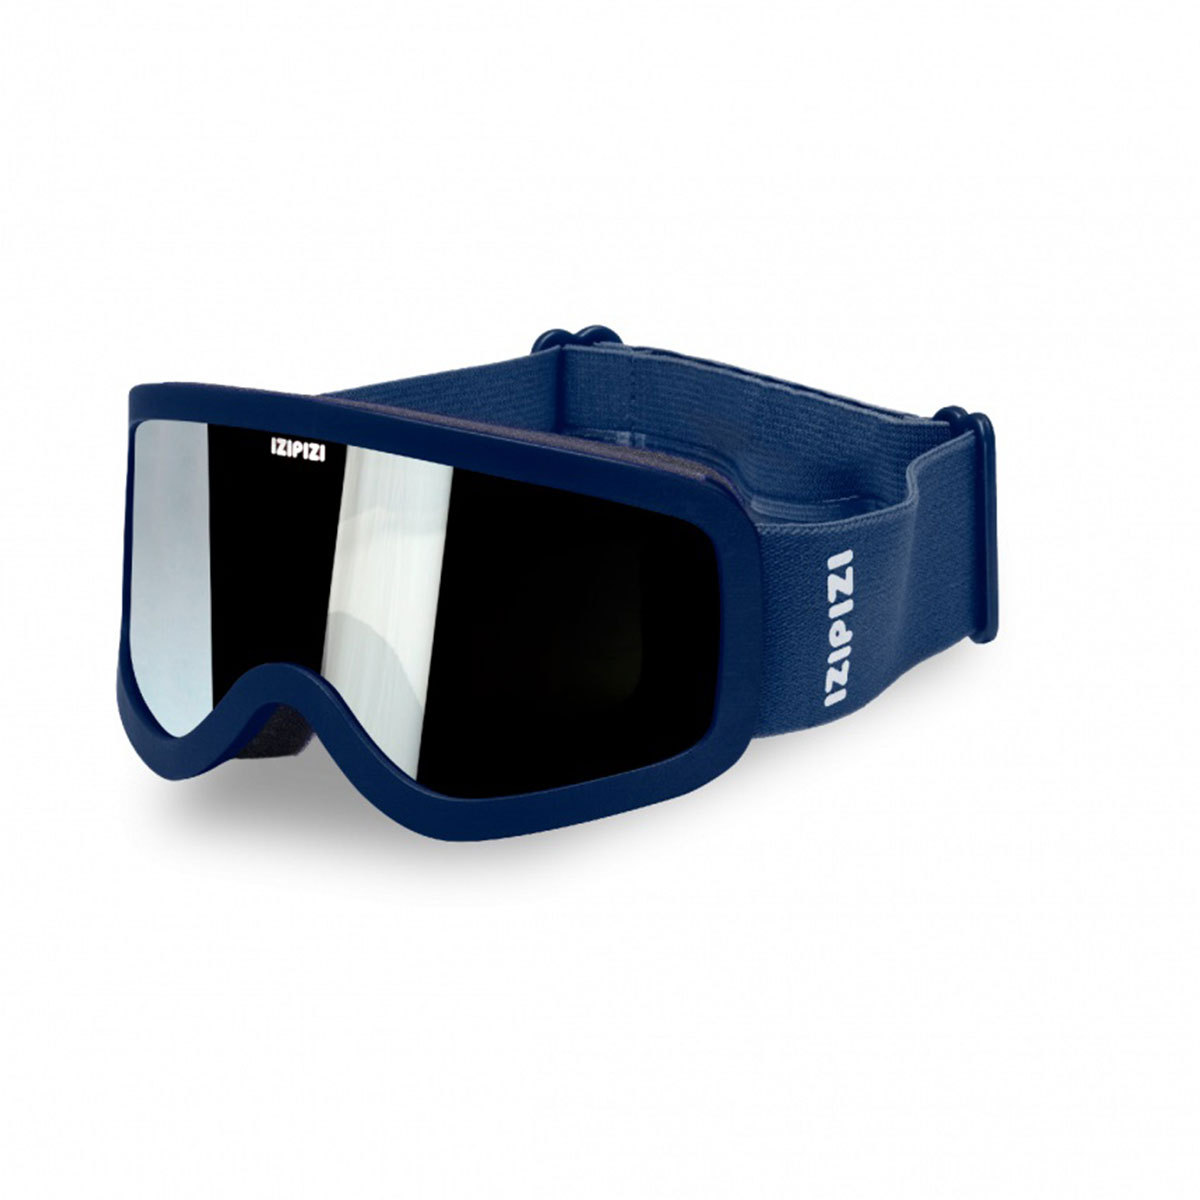 Accessoires bébé Masque de Ski Navy Blue - 4/10 Ans Masque de Ski Navy Blue - 4/10 Ans